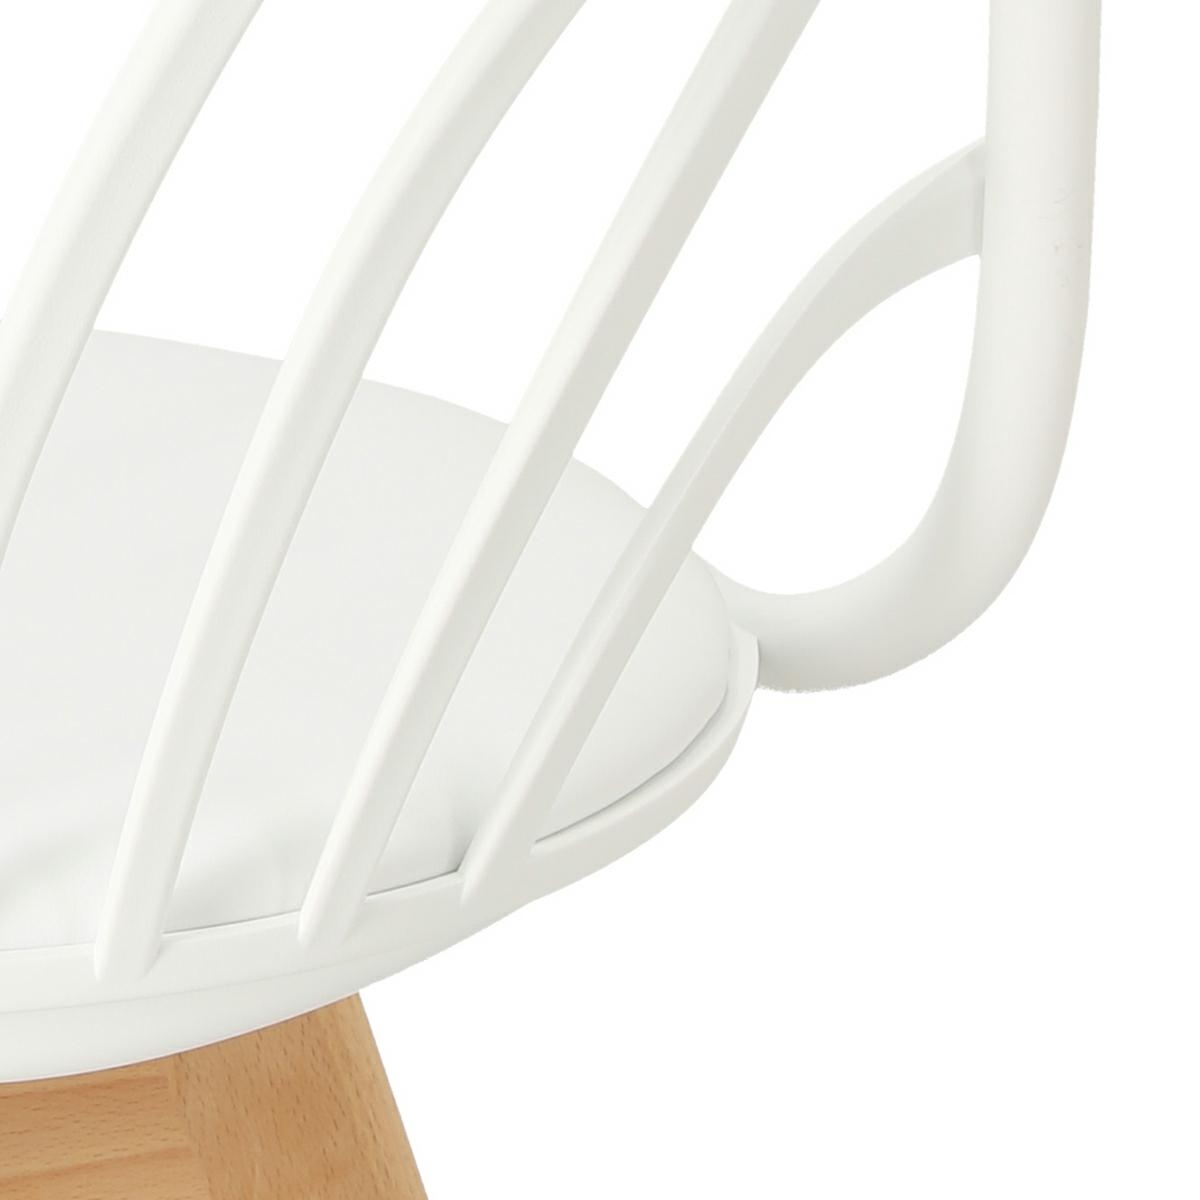 Krzesło Sirena z podłokietnikami białe - zdjęcie nr 12